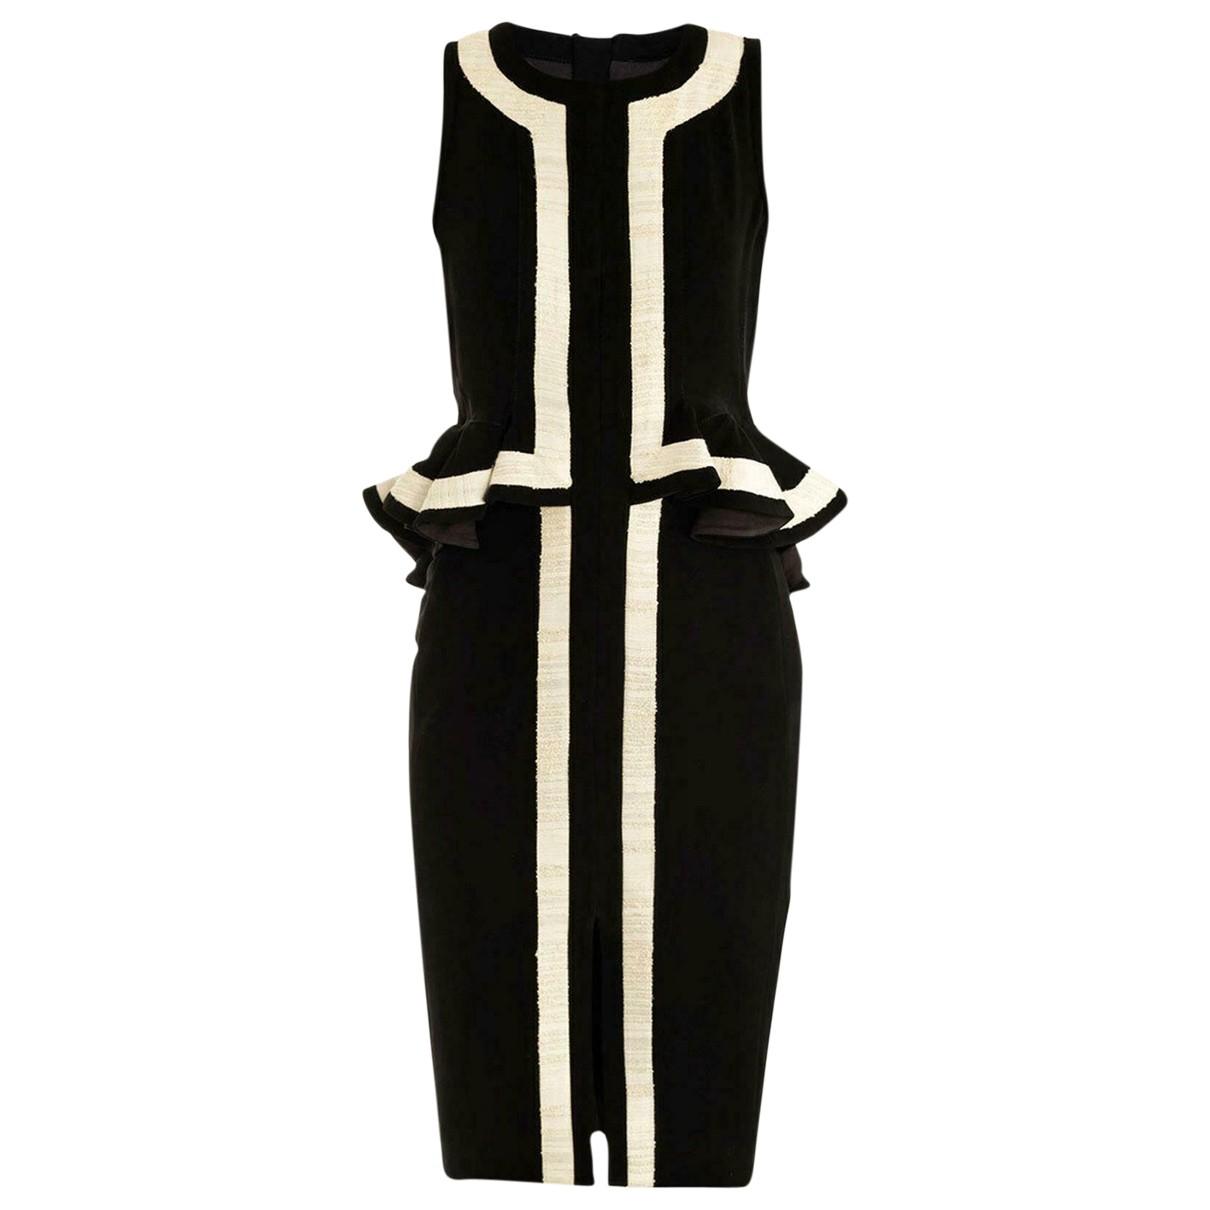 Altuzarra \N Black dress for Women 40 FR